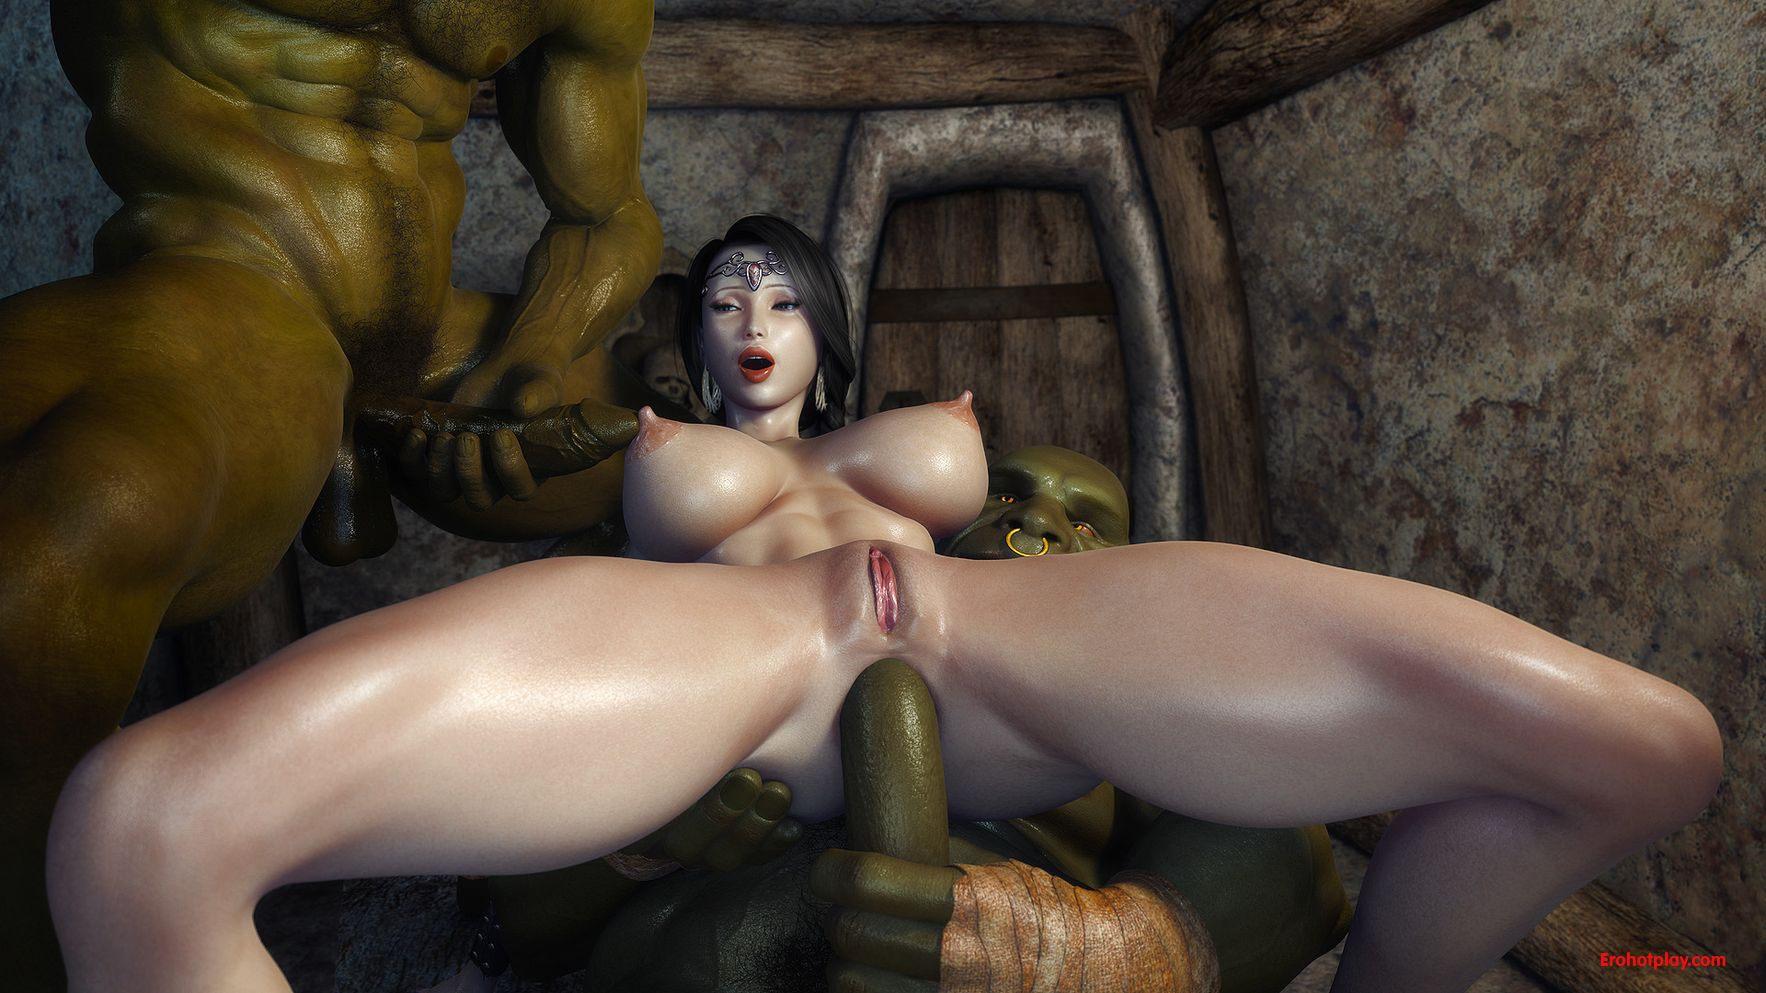 порно анимация смотреть фото